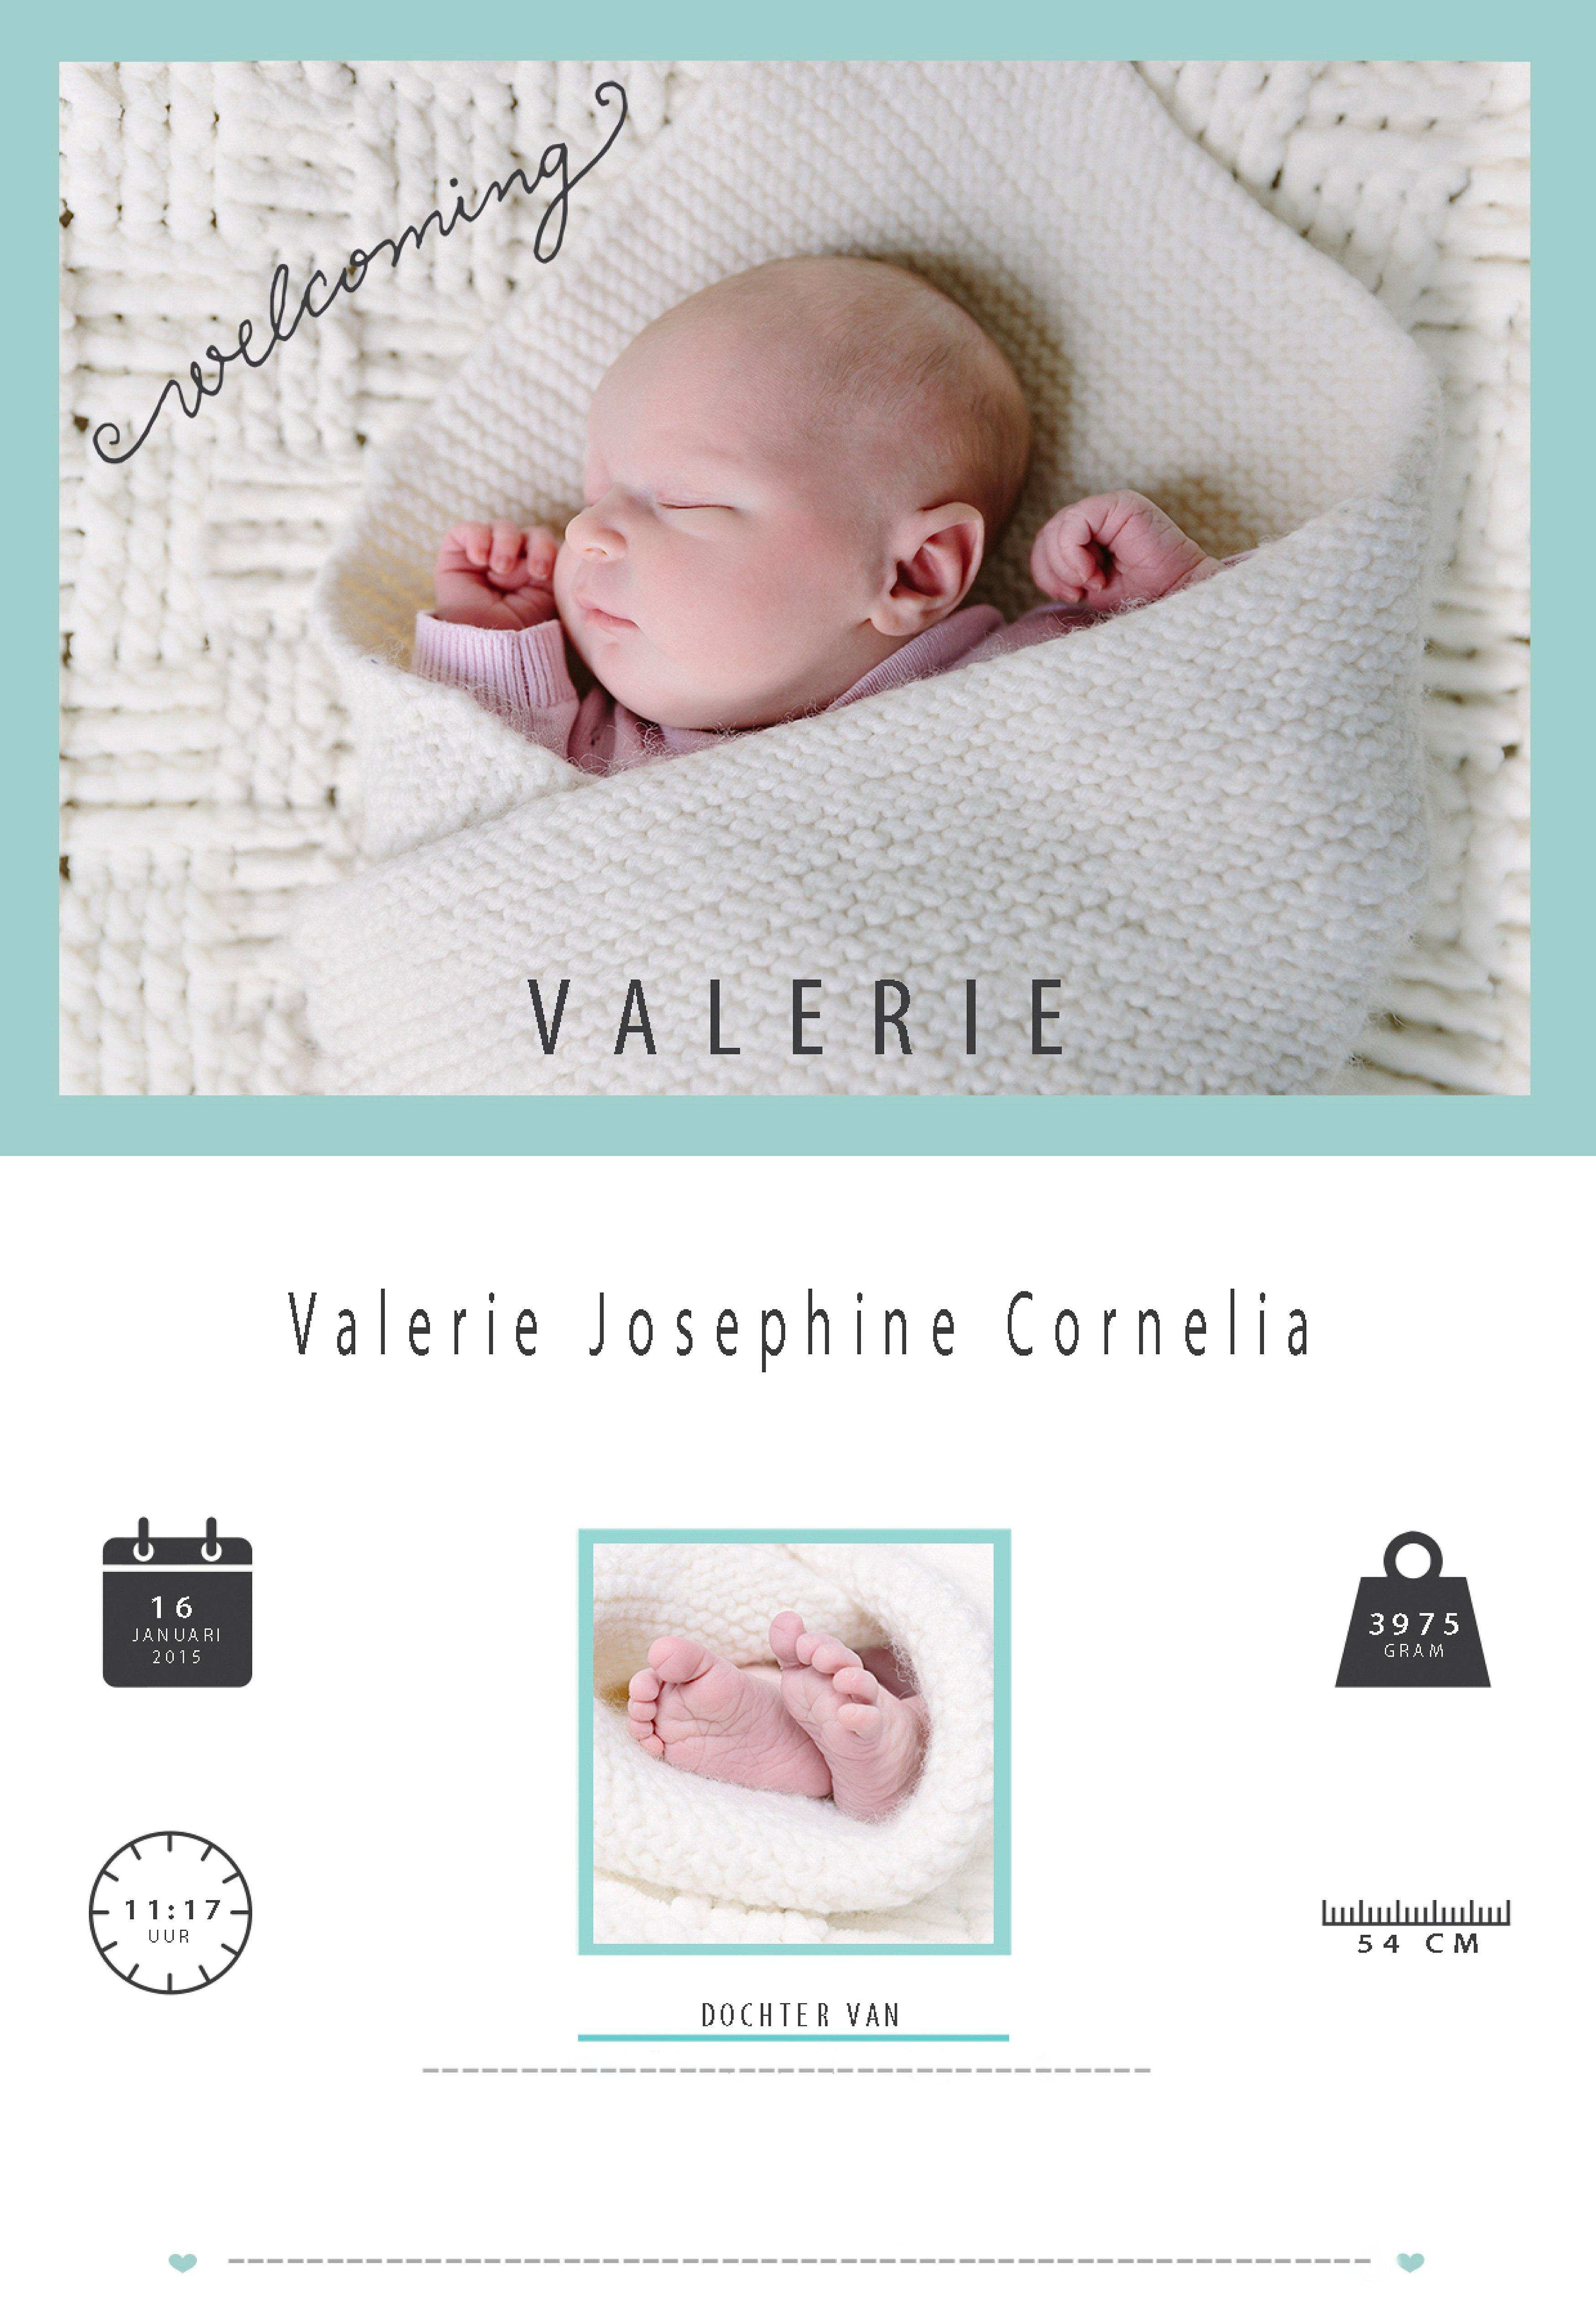 geboortekaartje met foto van newbornshootgeboortekaartje met foto van newbornshoot